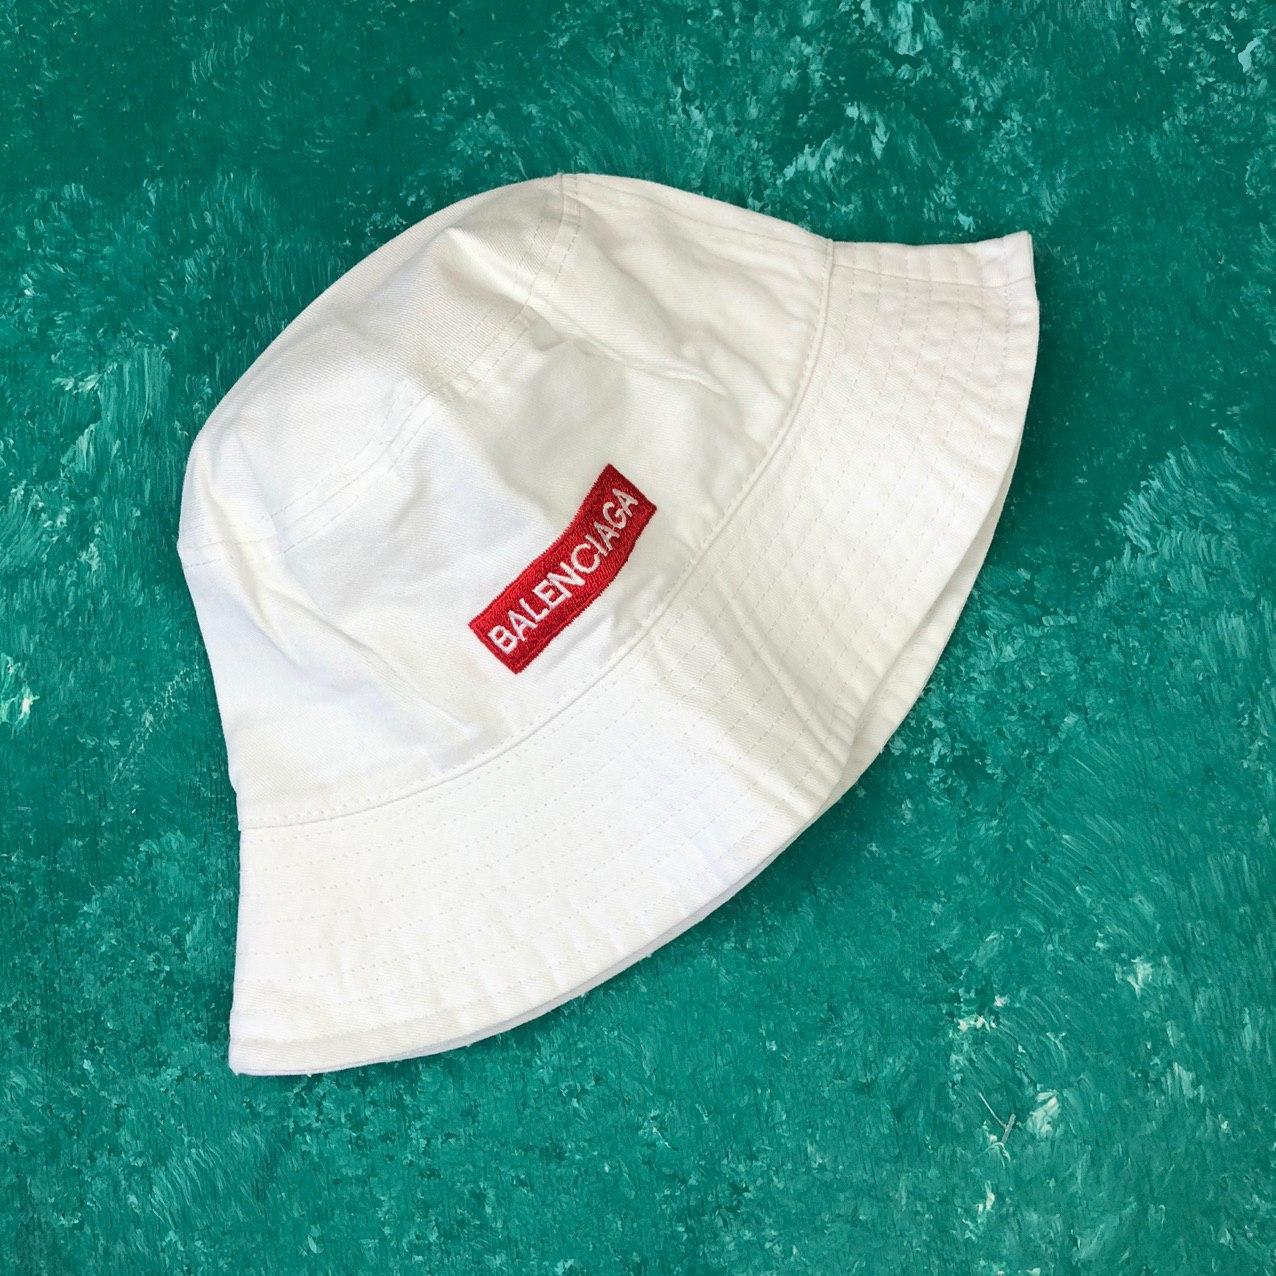 Панама Bucket Hat Balenciaga Mode Баленсиага с красной полосой Белая